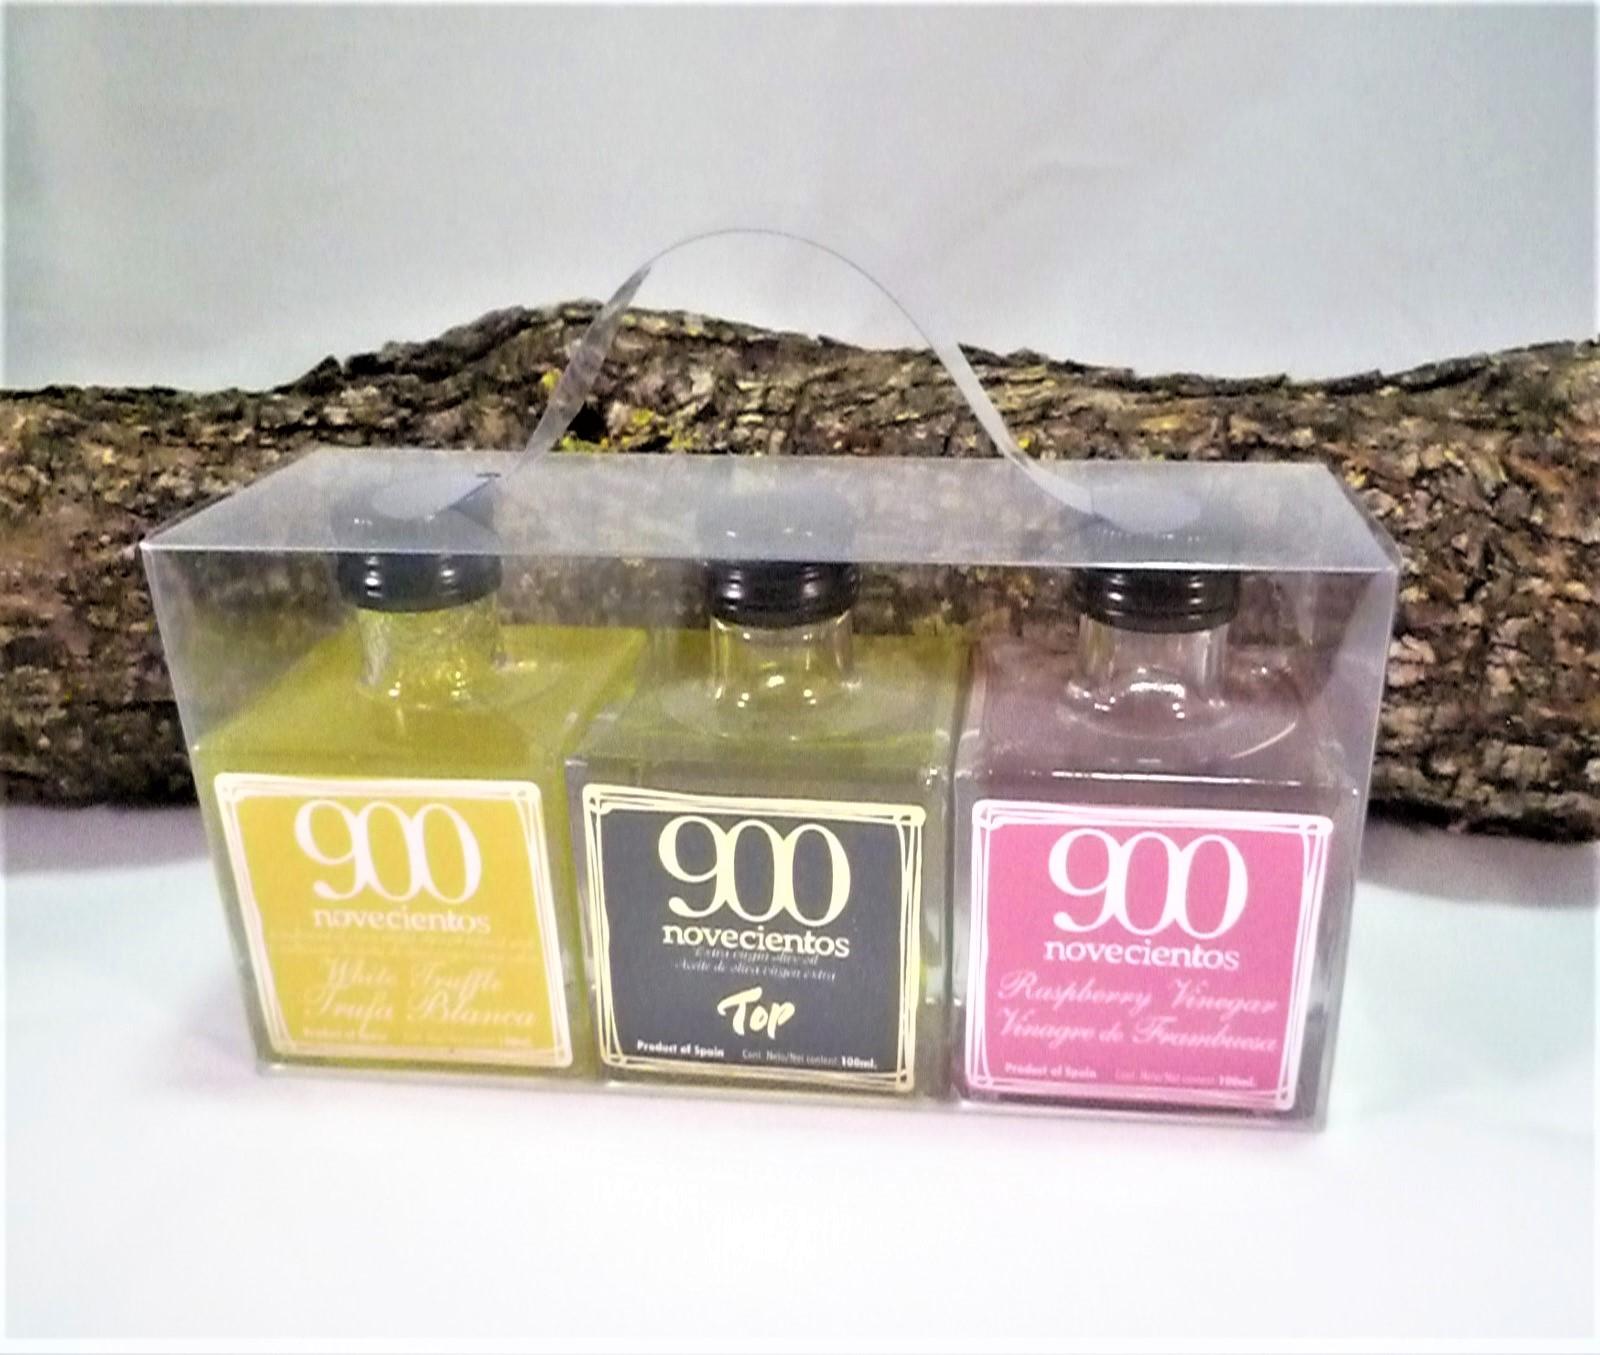 caja aceite de trufa blanca, vinagre de frambuesa y AOVE 900 TOP